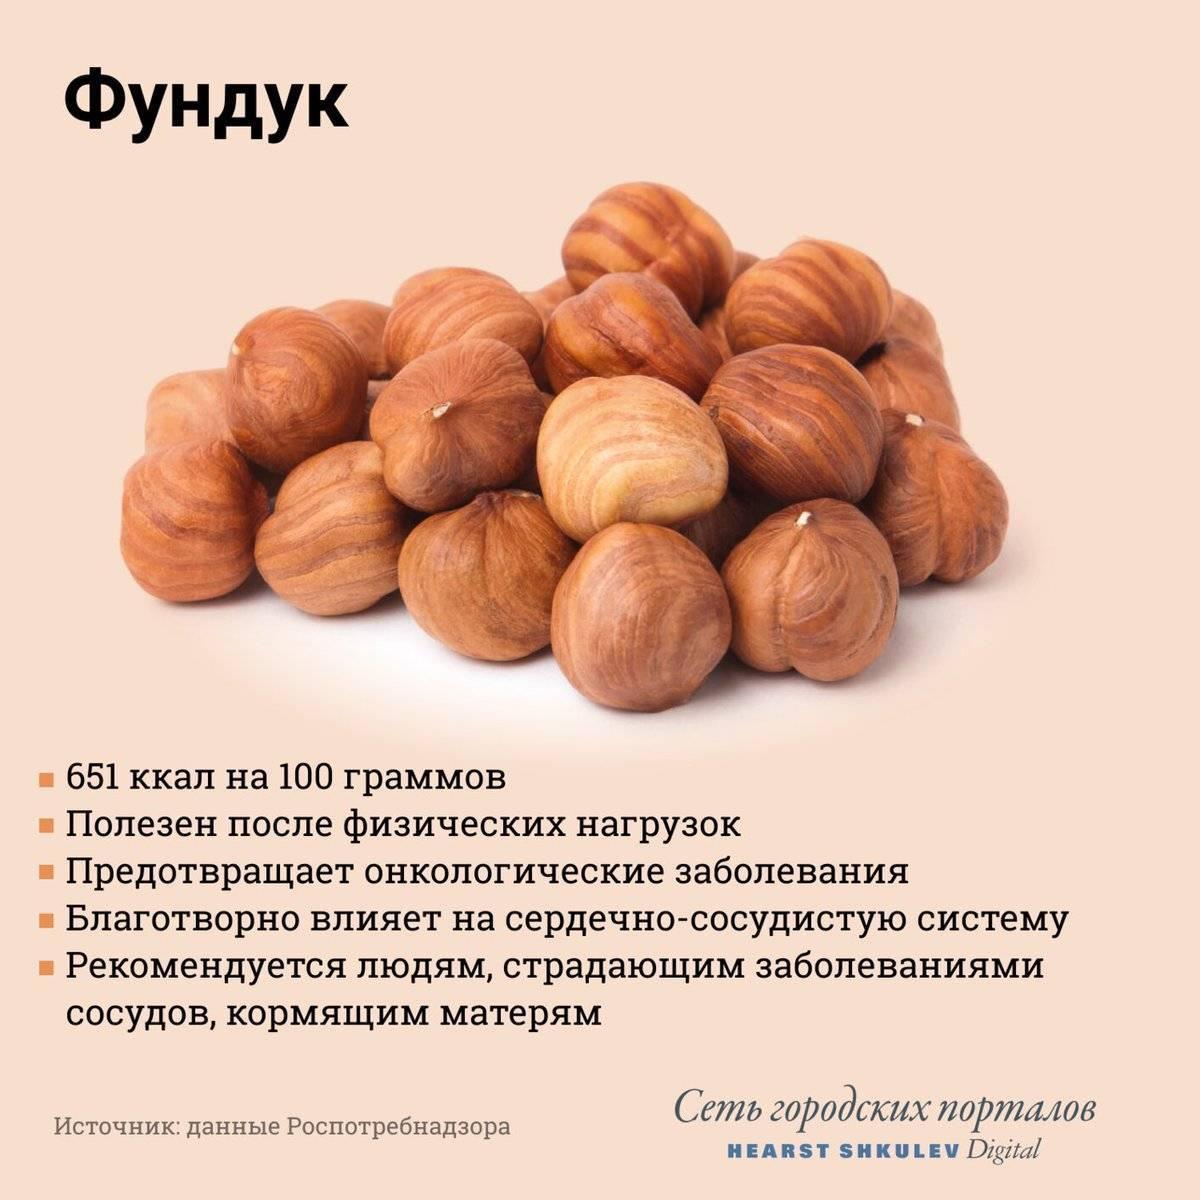 Снятся орехи фундук: толкование по сонникам